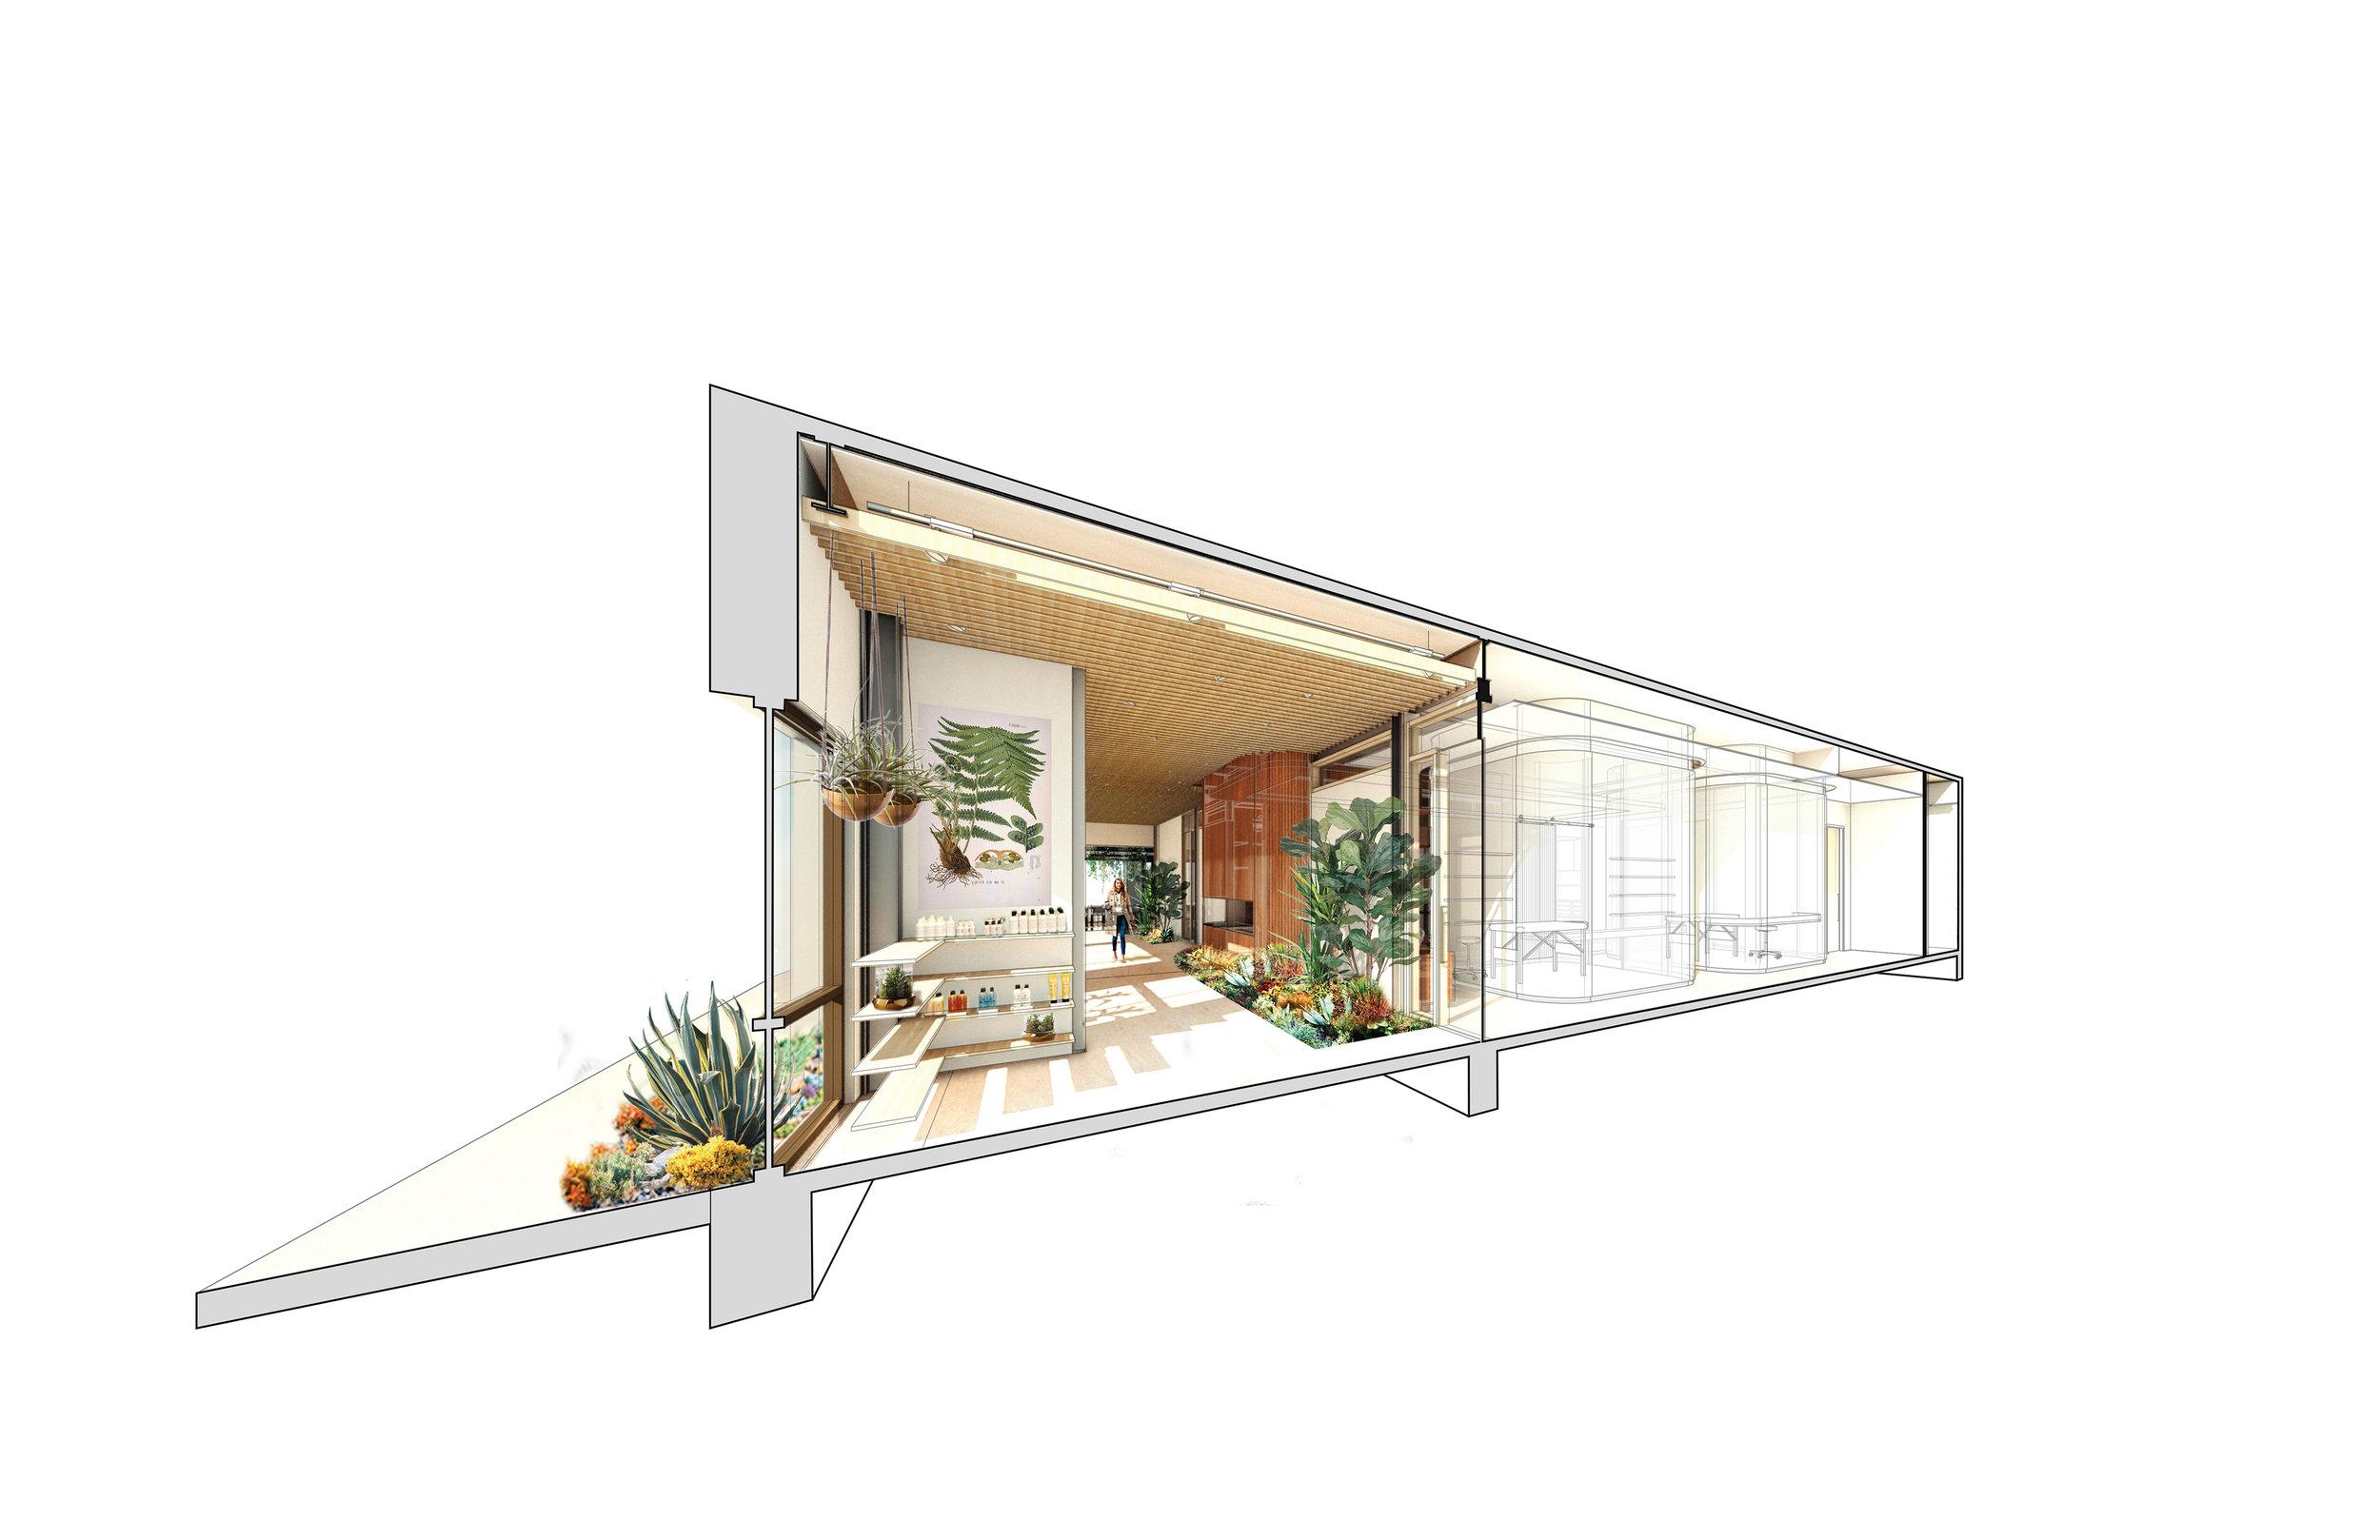 Alive + Well Wellness Center by Matt Fajkus Architecture_Perspective_Opt 1.jpg